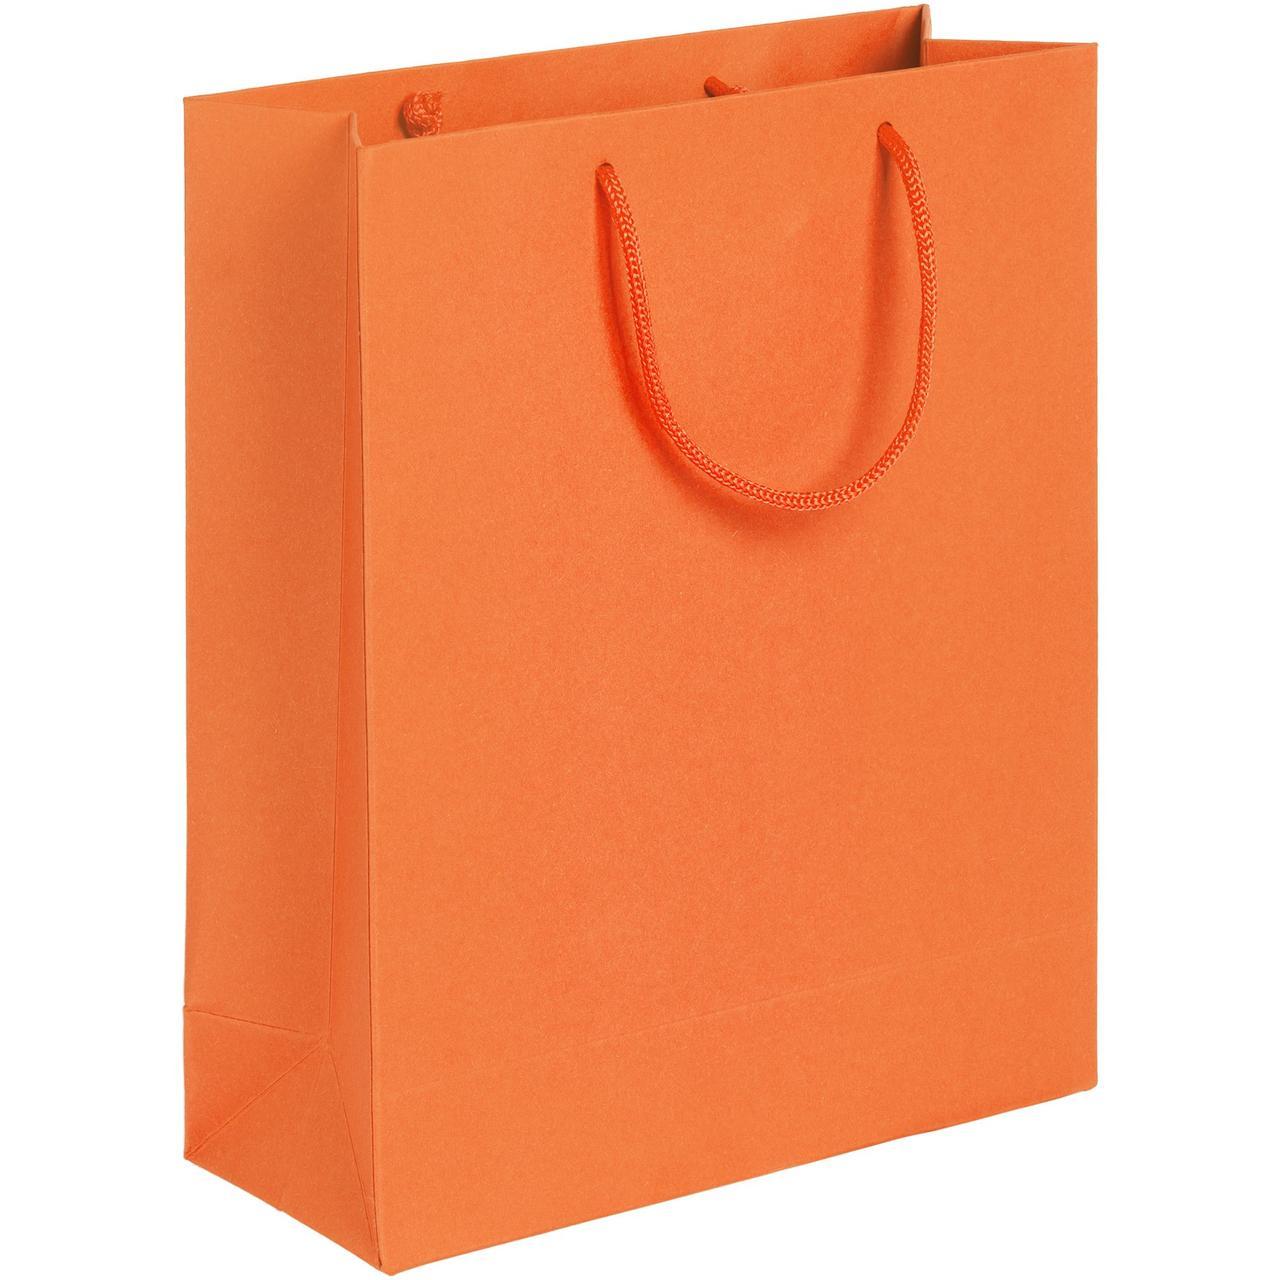 Пакет Ample M, оранжевый (артикул 7440.20)